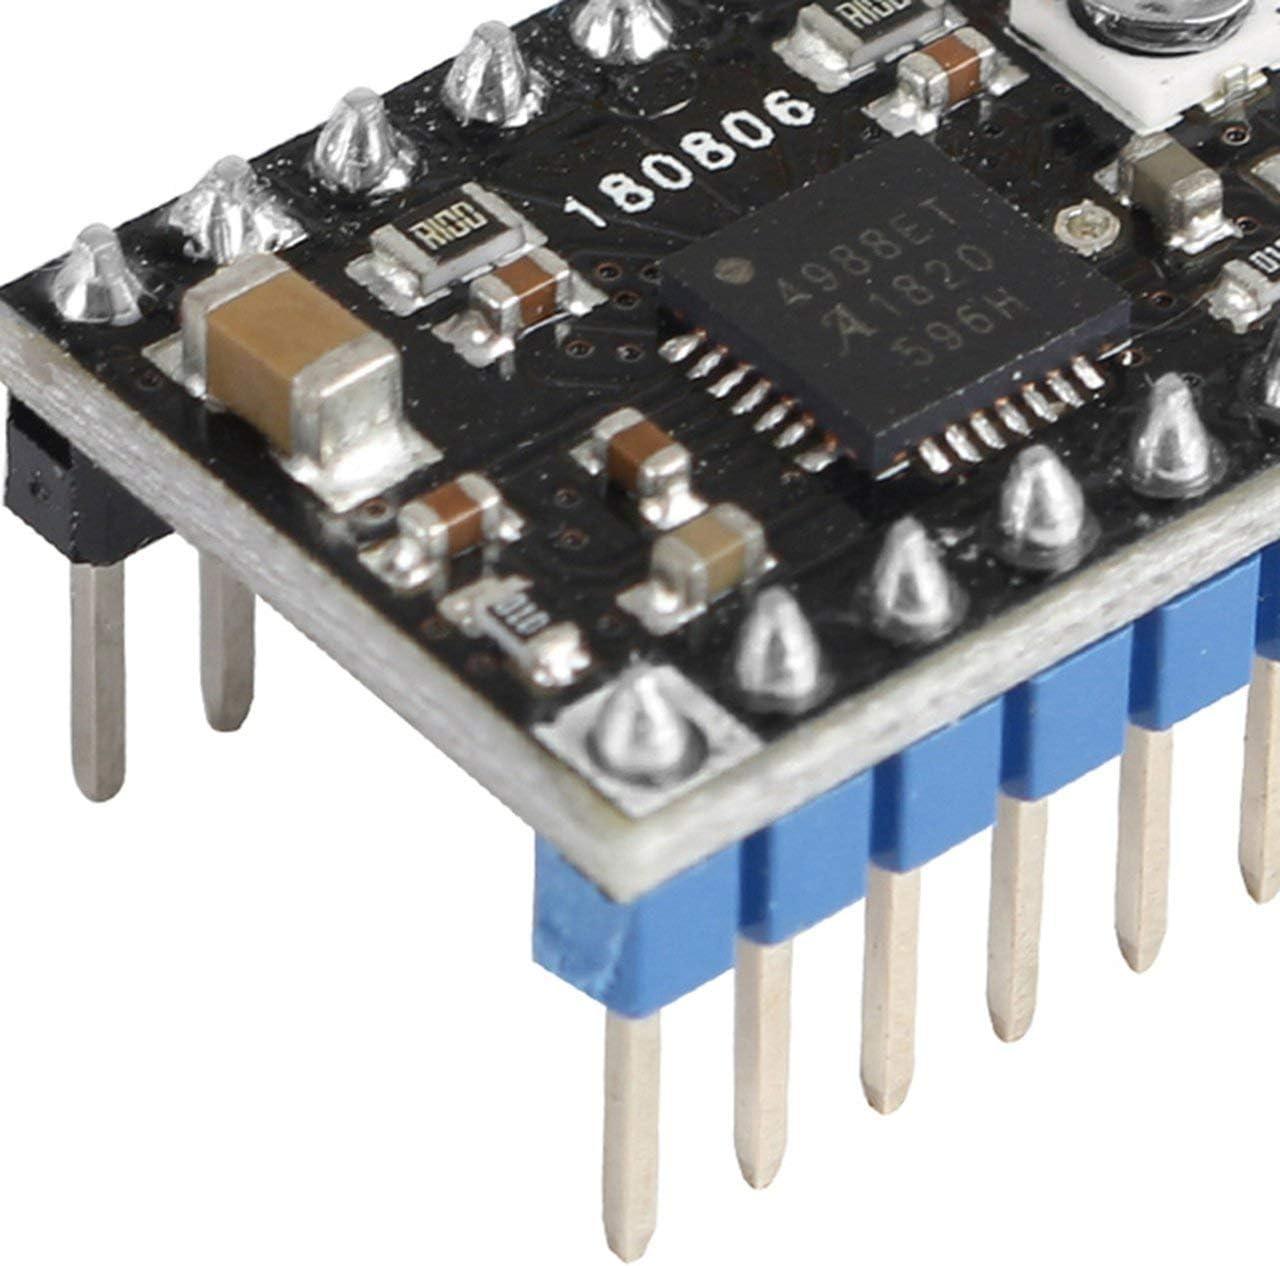 ballboU 2560 /& RAMPS1.4 TriGorilla Motherboard Control Board